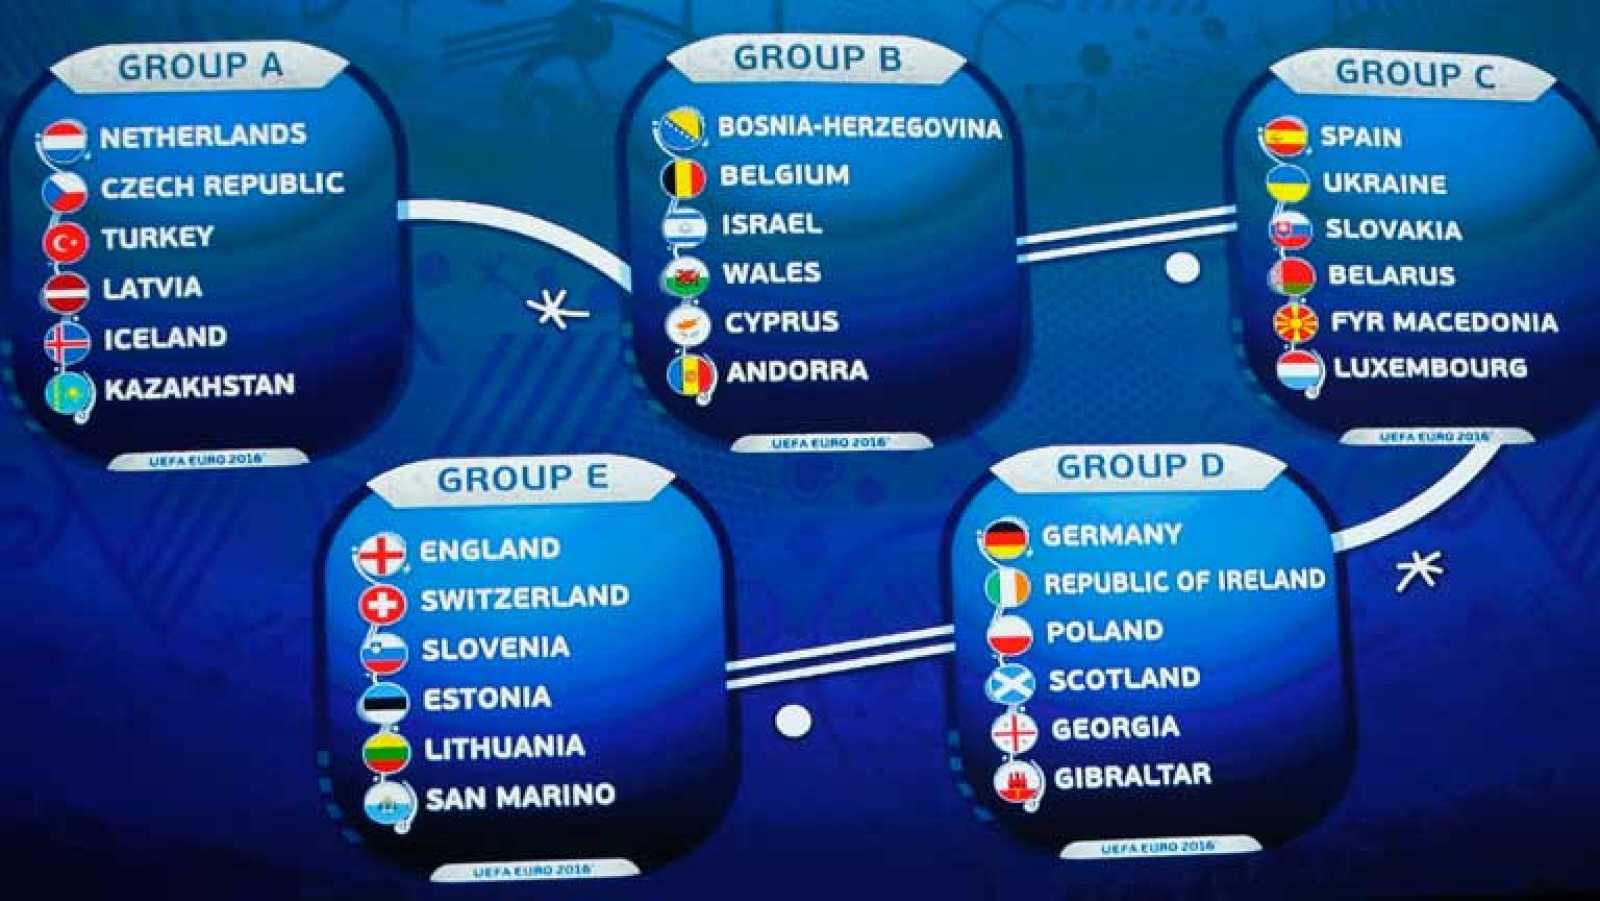 La selección española de fútbol comenzará a defender el título de campeona de Europa ante Luxemburgo, Macedonia, Bielorrusia, Eslovaquia y Ucrania, equipos que han quedado encuadrados en el grupo C y a los que se enfrentará en la fase de clasificació